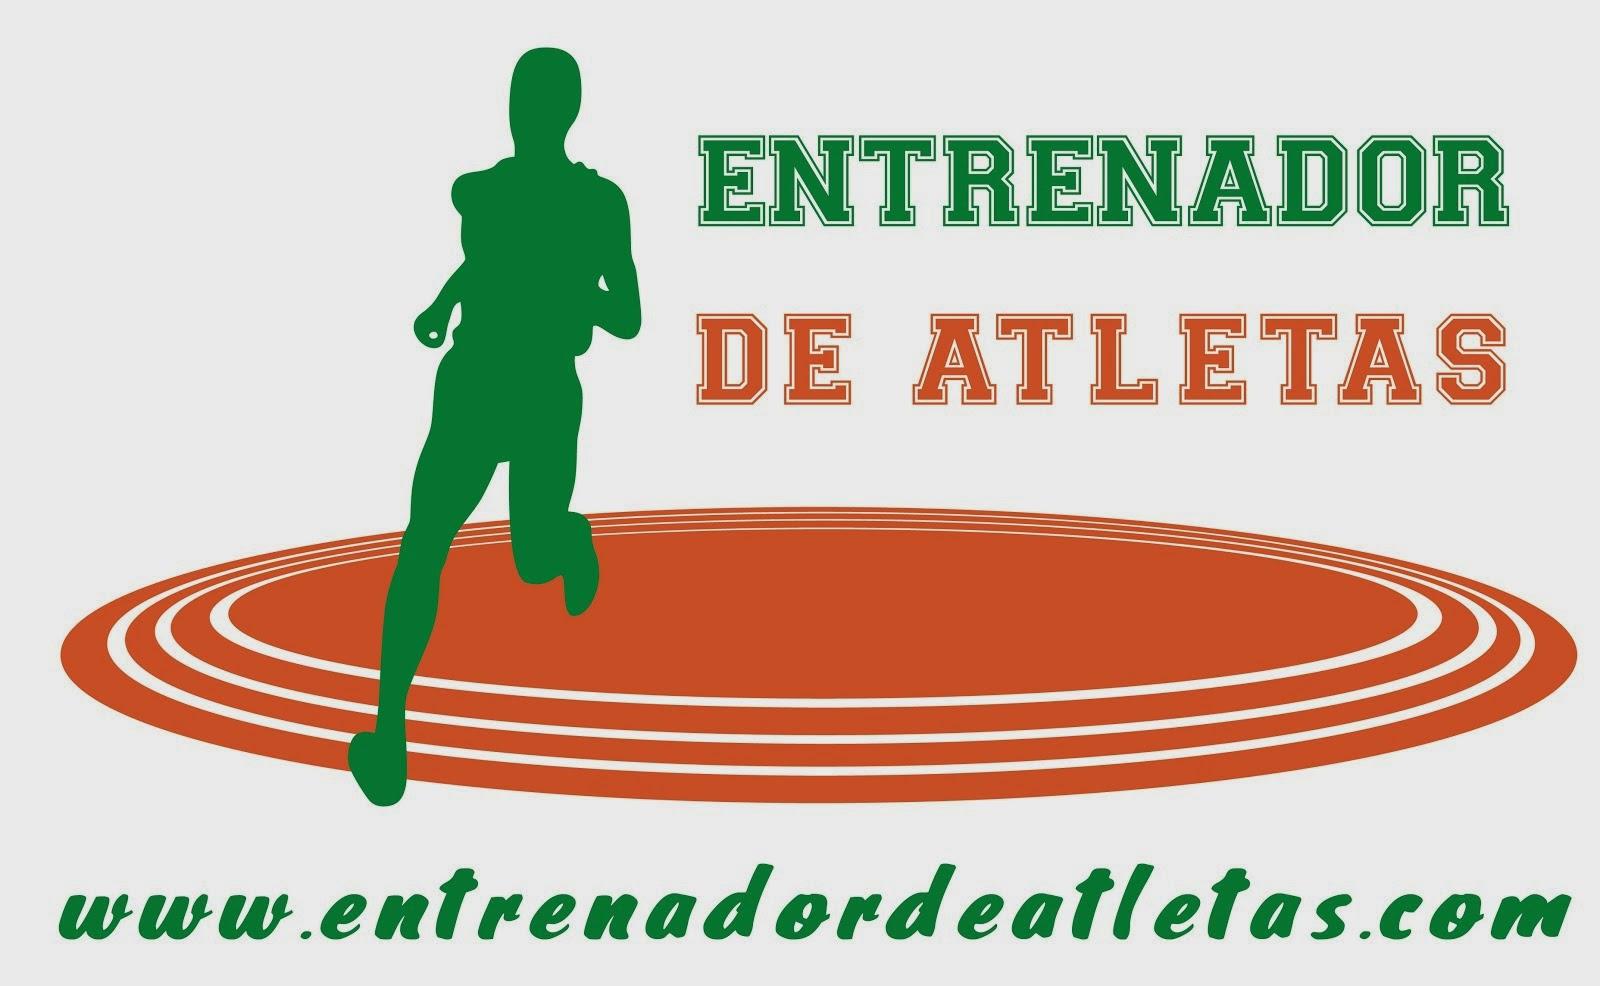 entrenadordeatletas@gmail.com